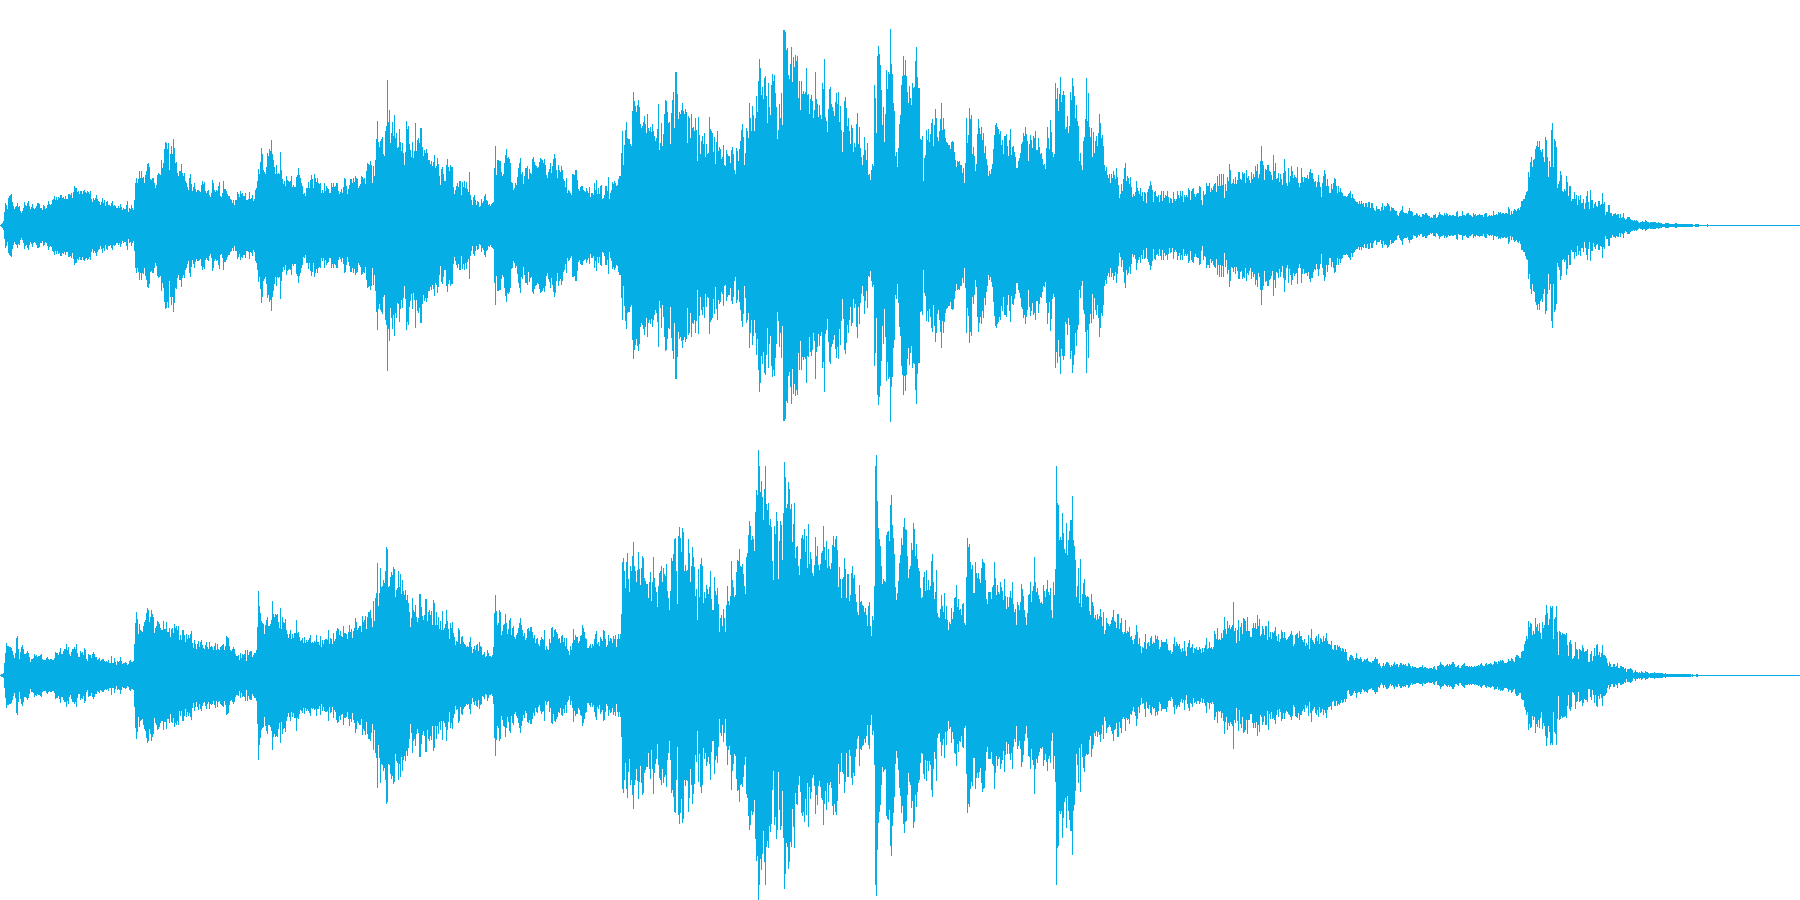 【ホラーゲーム】裏切りの場面_01の再生済みの波形